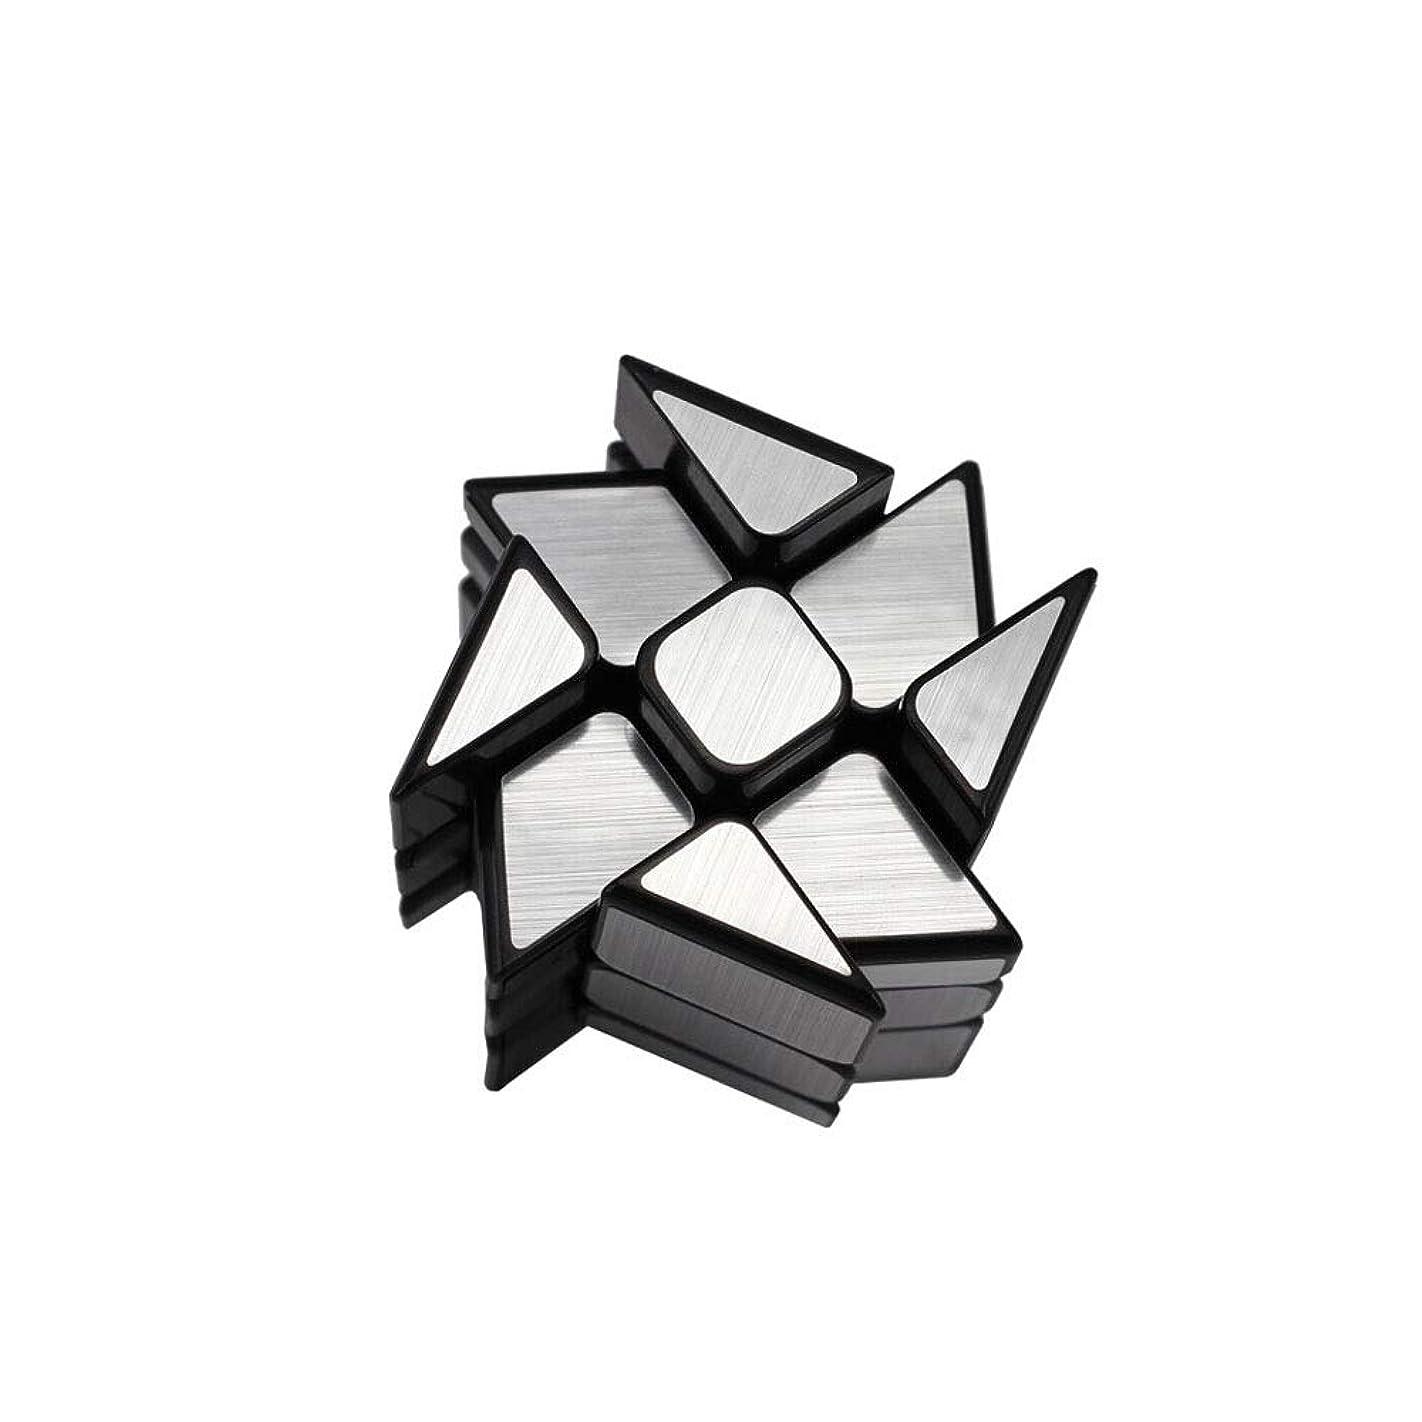 またね仲介者製油所Qiyuezhuangshi ルービックキューブ、3次ミラースタイルキューブ、クリエイティブデザインスタイル、ファッション使用、ギフトとして使用可能(シルバー/ゴールド) ファッション (Color : Silver, Edition : Third order)